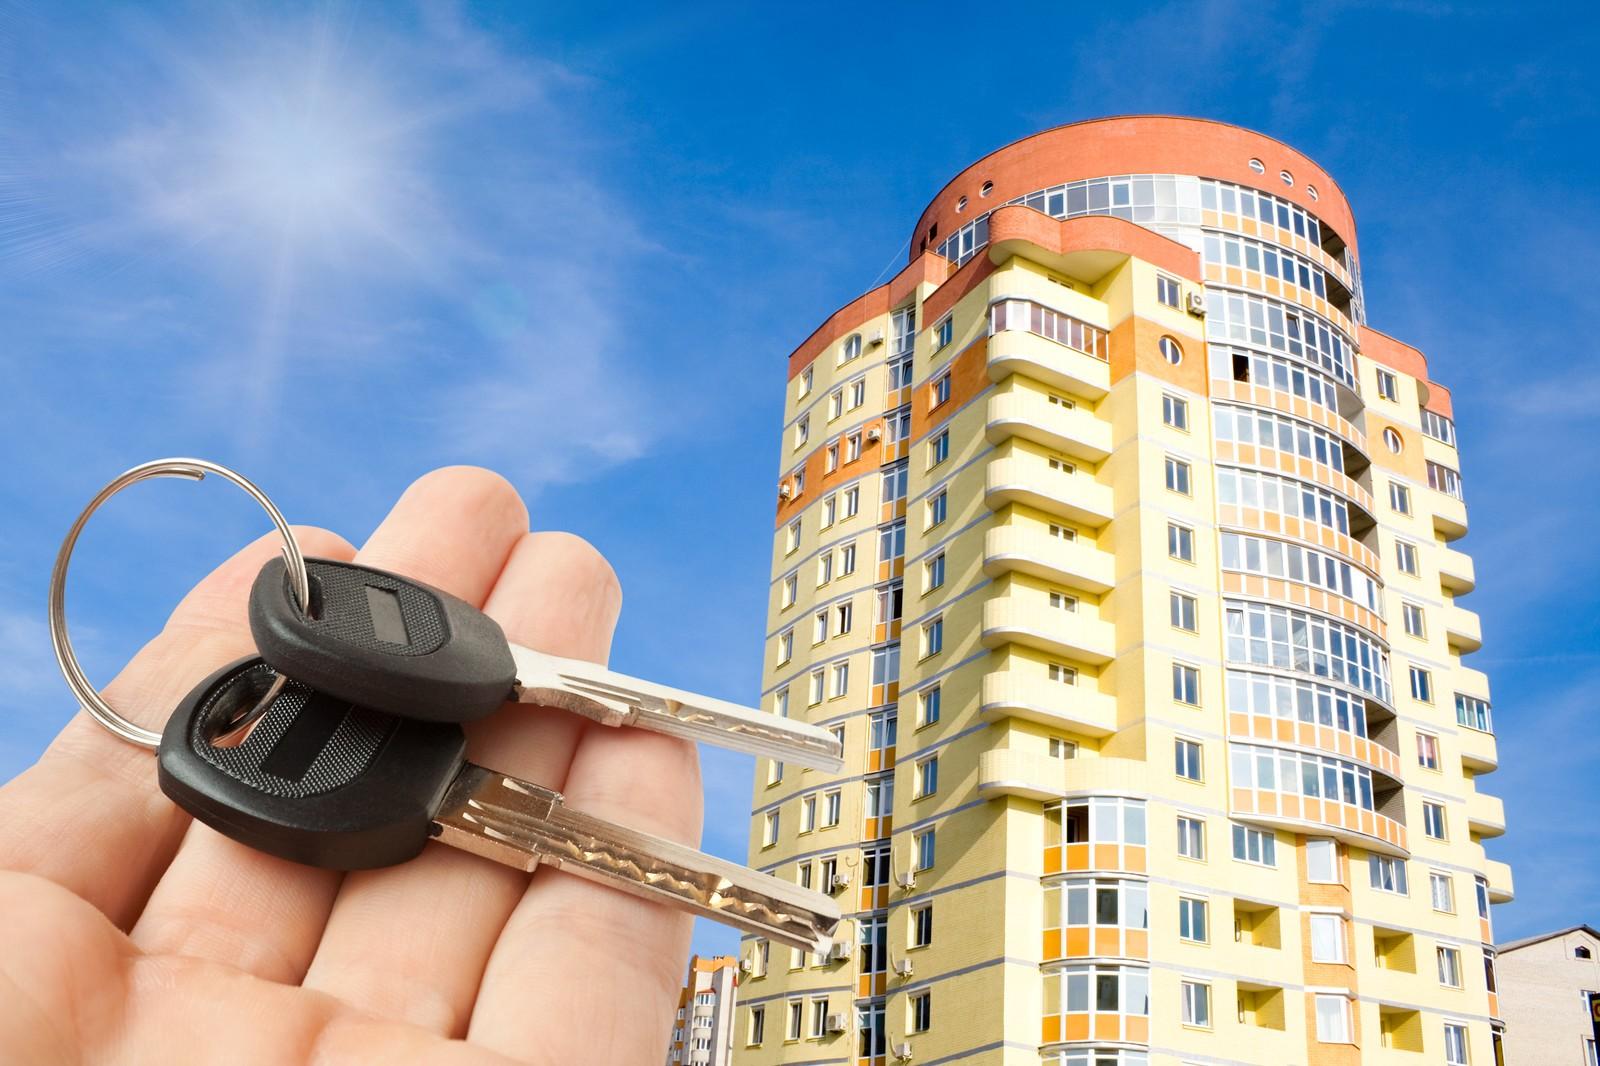 Число сделок впервичном жилье возросло в российской столице на55 процентов